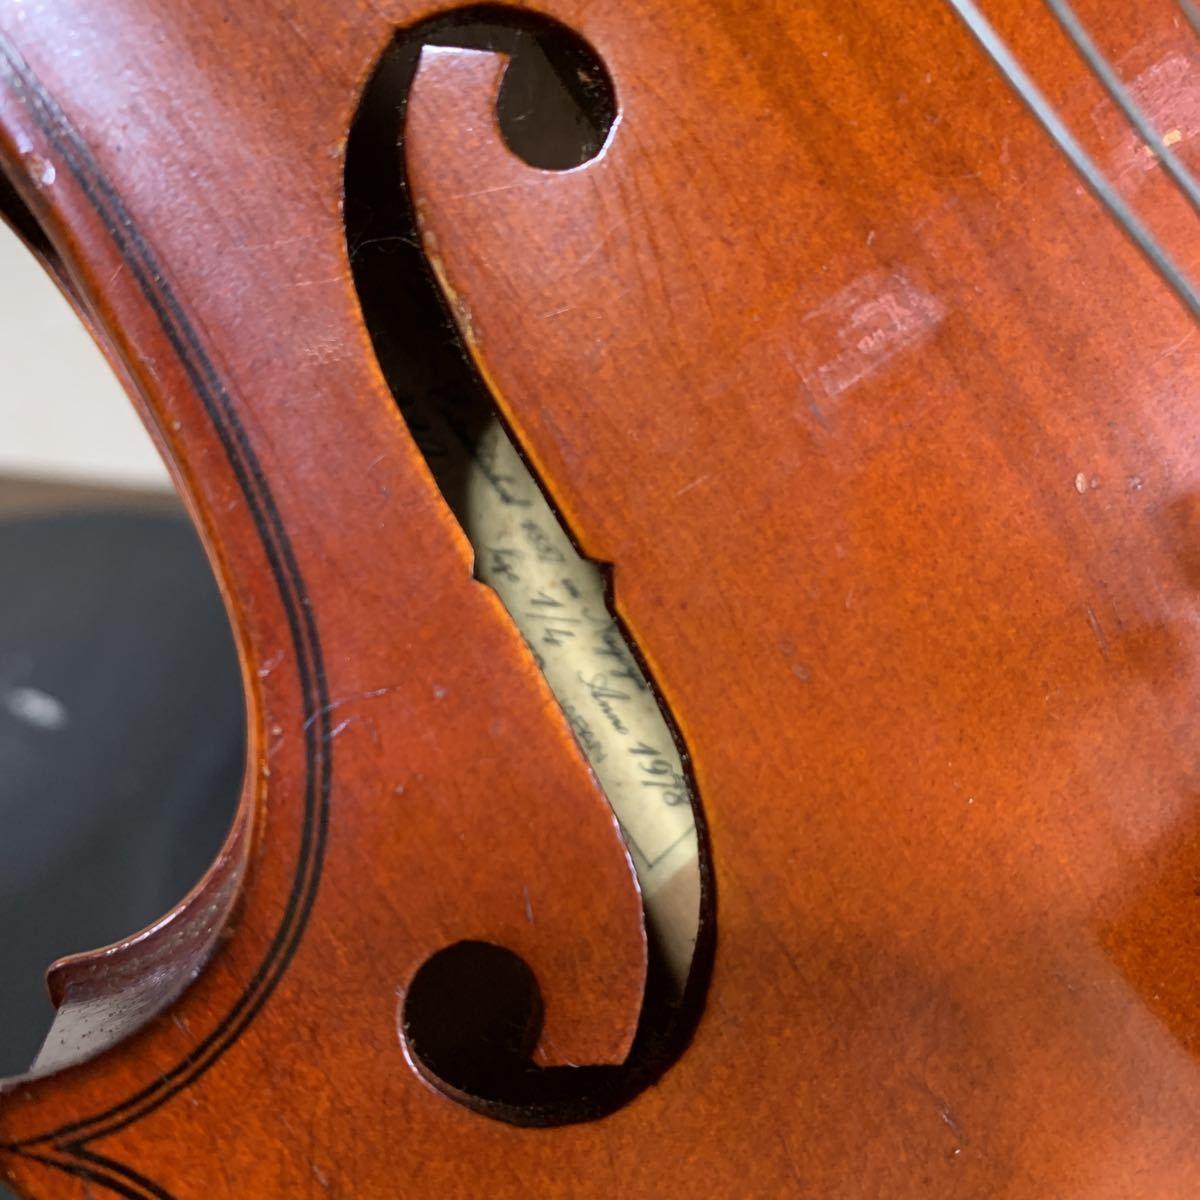 1円スタート SUZUKI 鈴木バイオリン スズキ バイオリン ハードケース付 弦楽器 中古 ジャンク_画像5